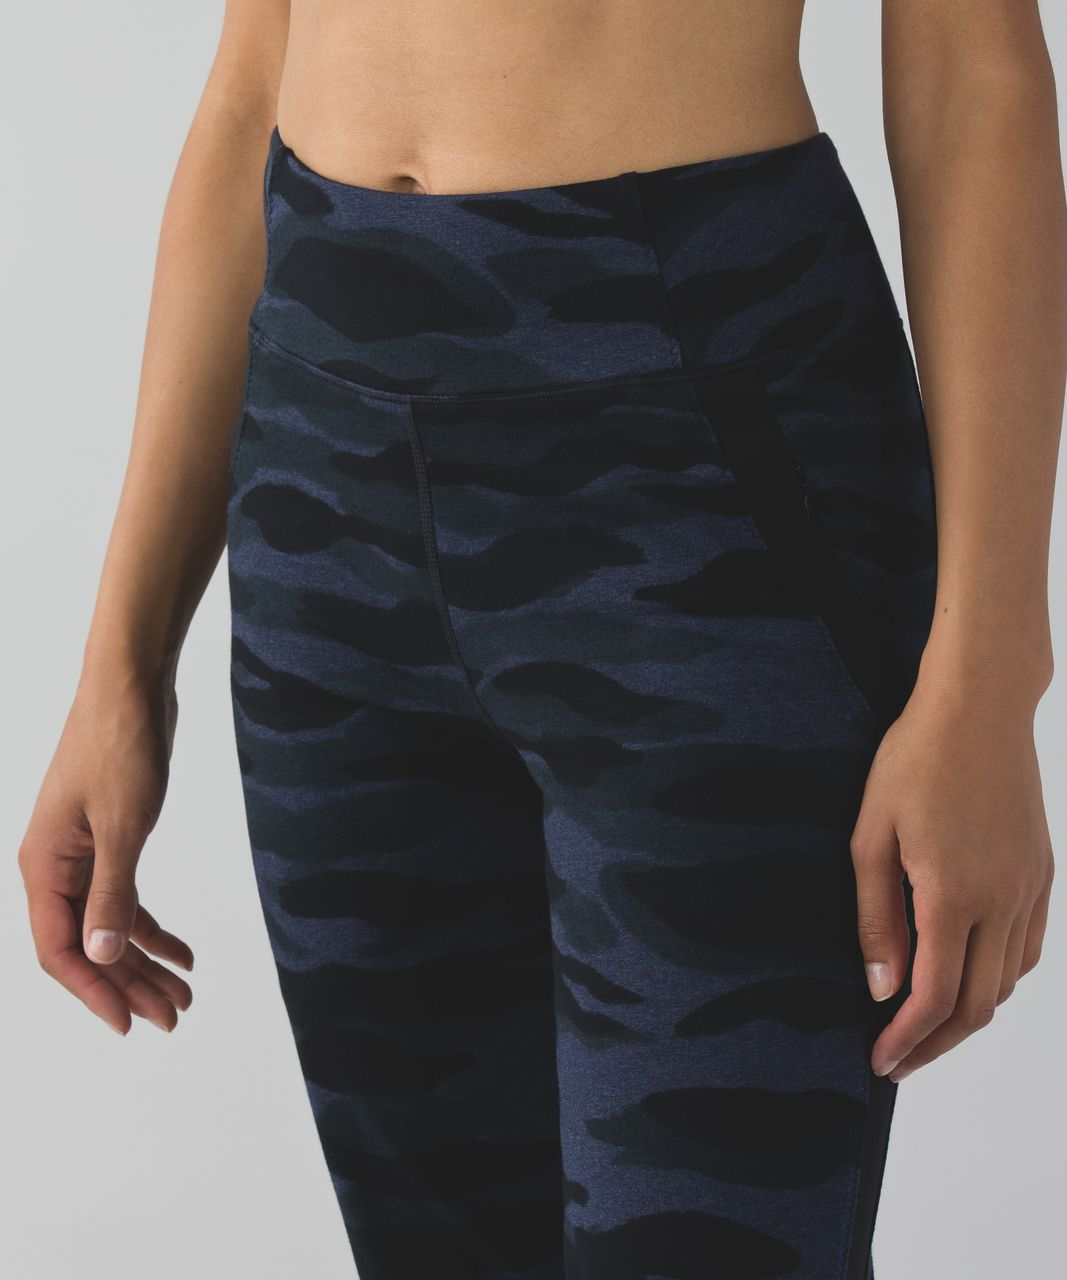 Lululemon Bolt Sweatpant - Mini Coast Camo Heathered Deep Navy Black / Black